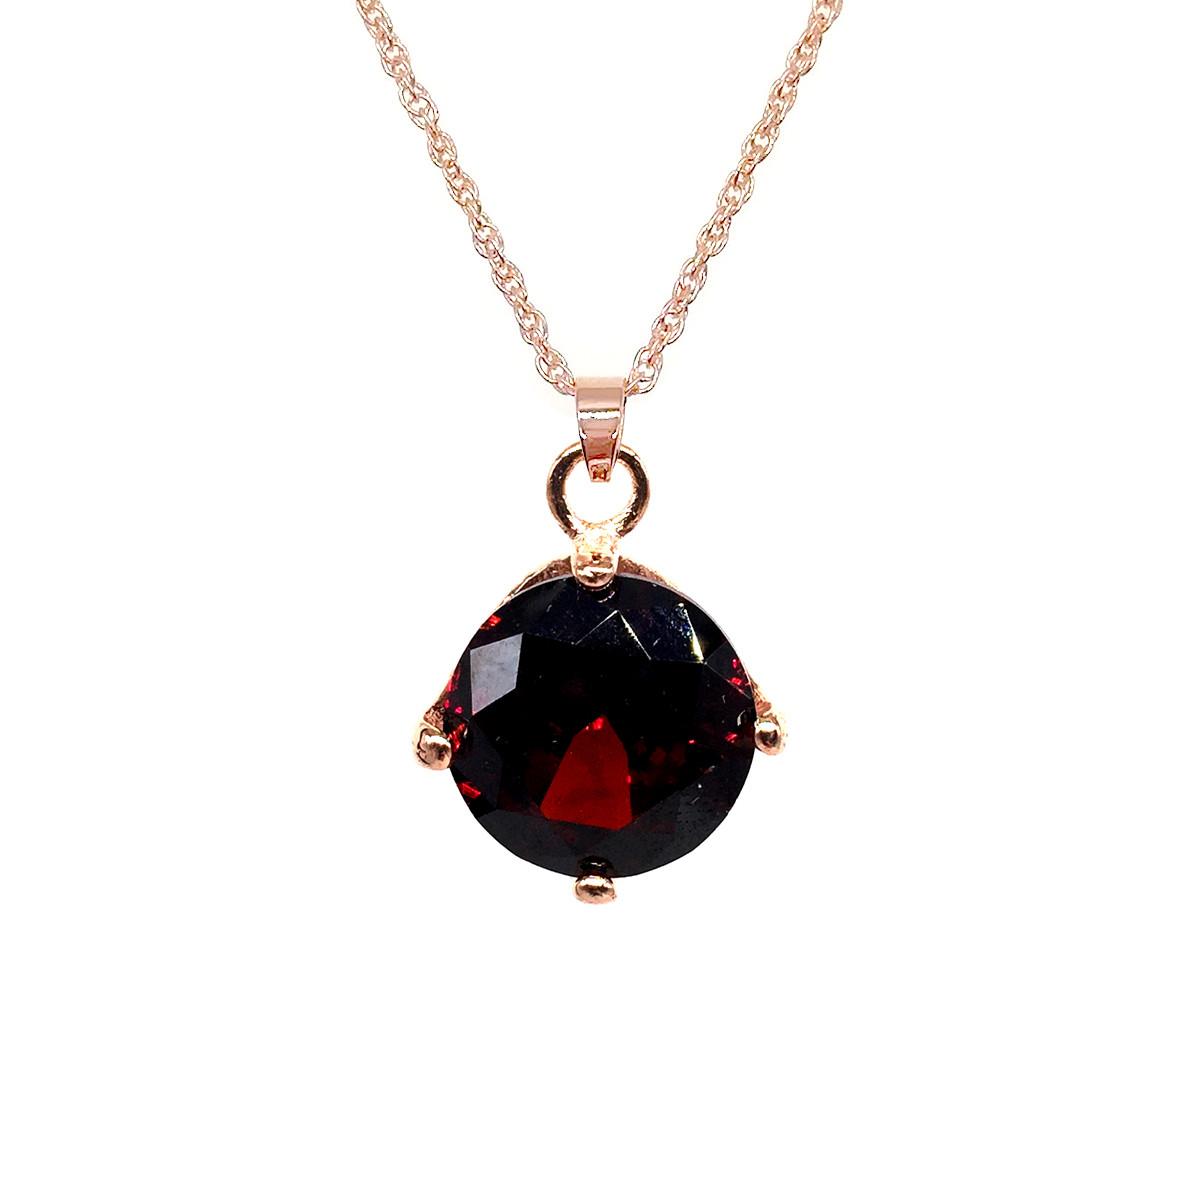 Подвеска на цепочке SONATA из медицинского золота, темно-красный фианит, позолота PO, 41937             (1)